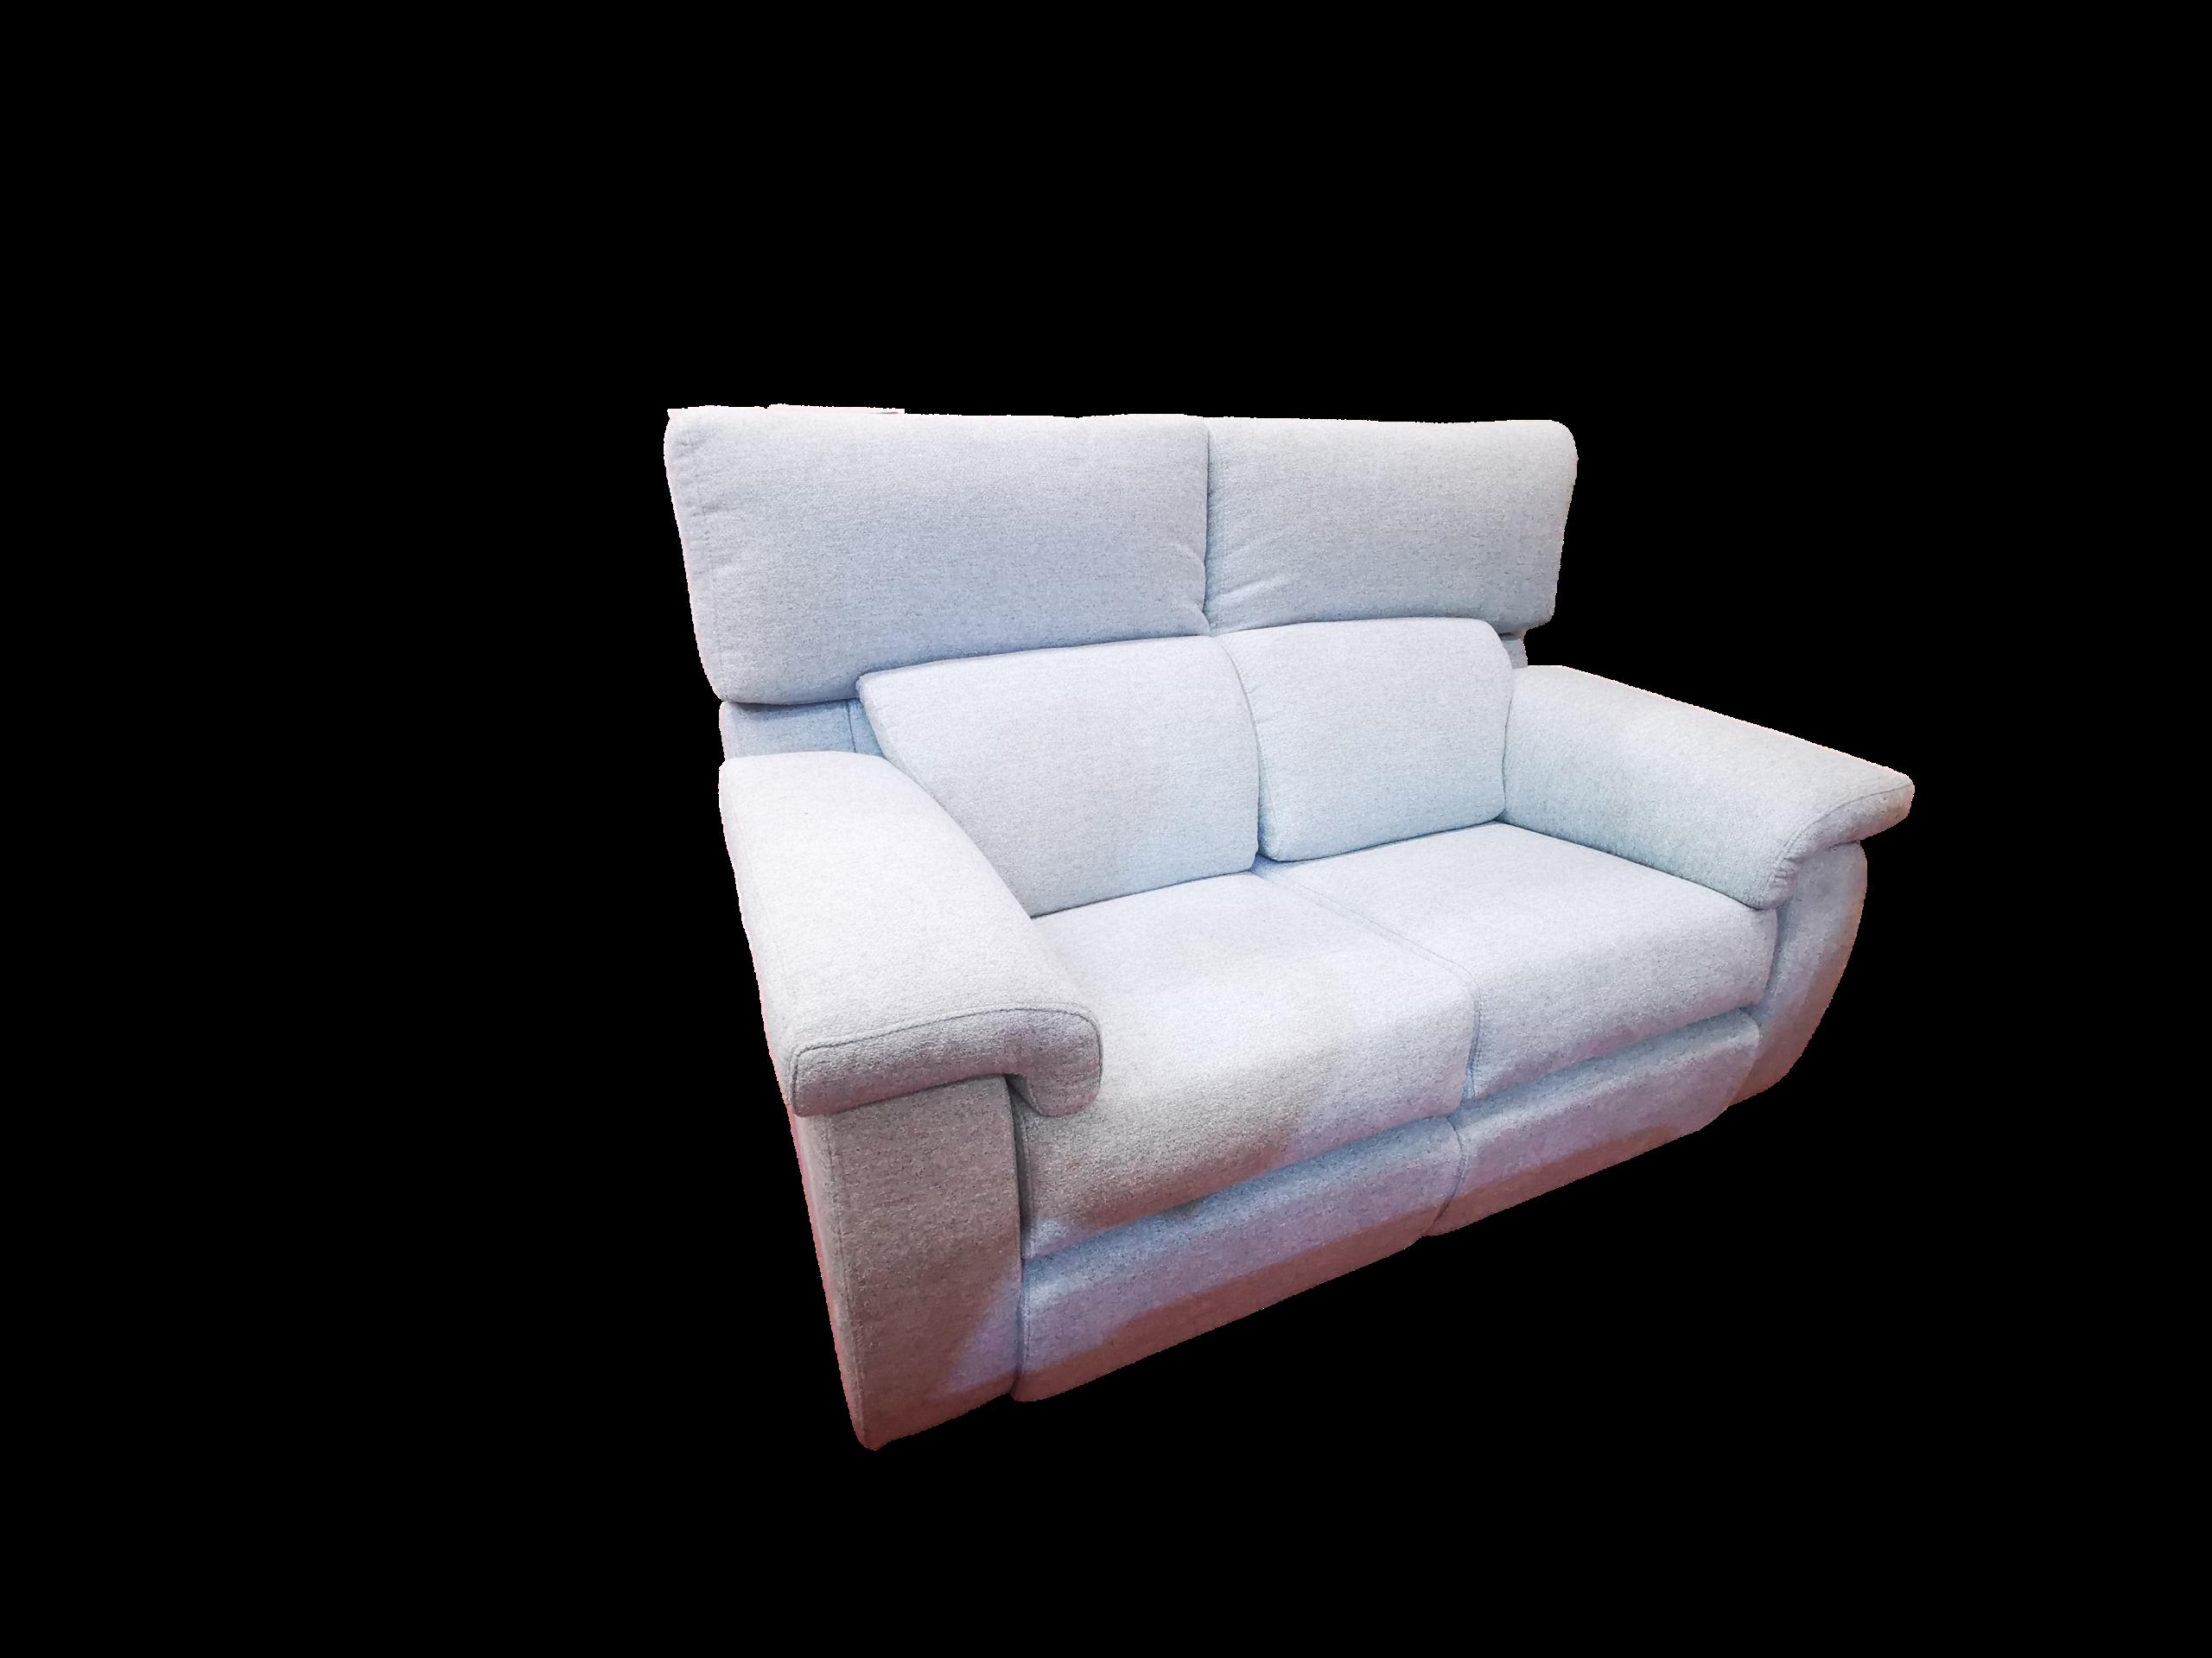 sofa-modelo-boom-deslizante-1-56-mt-400e